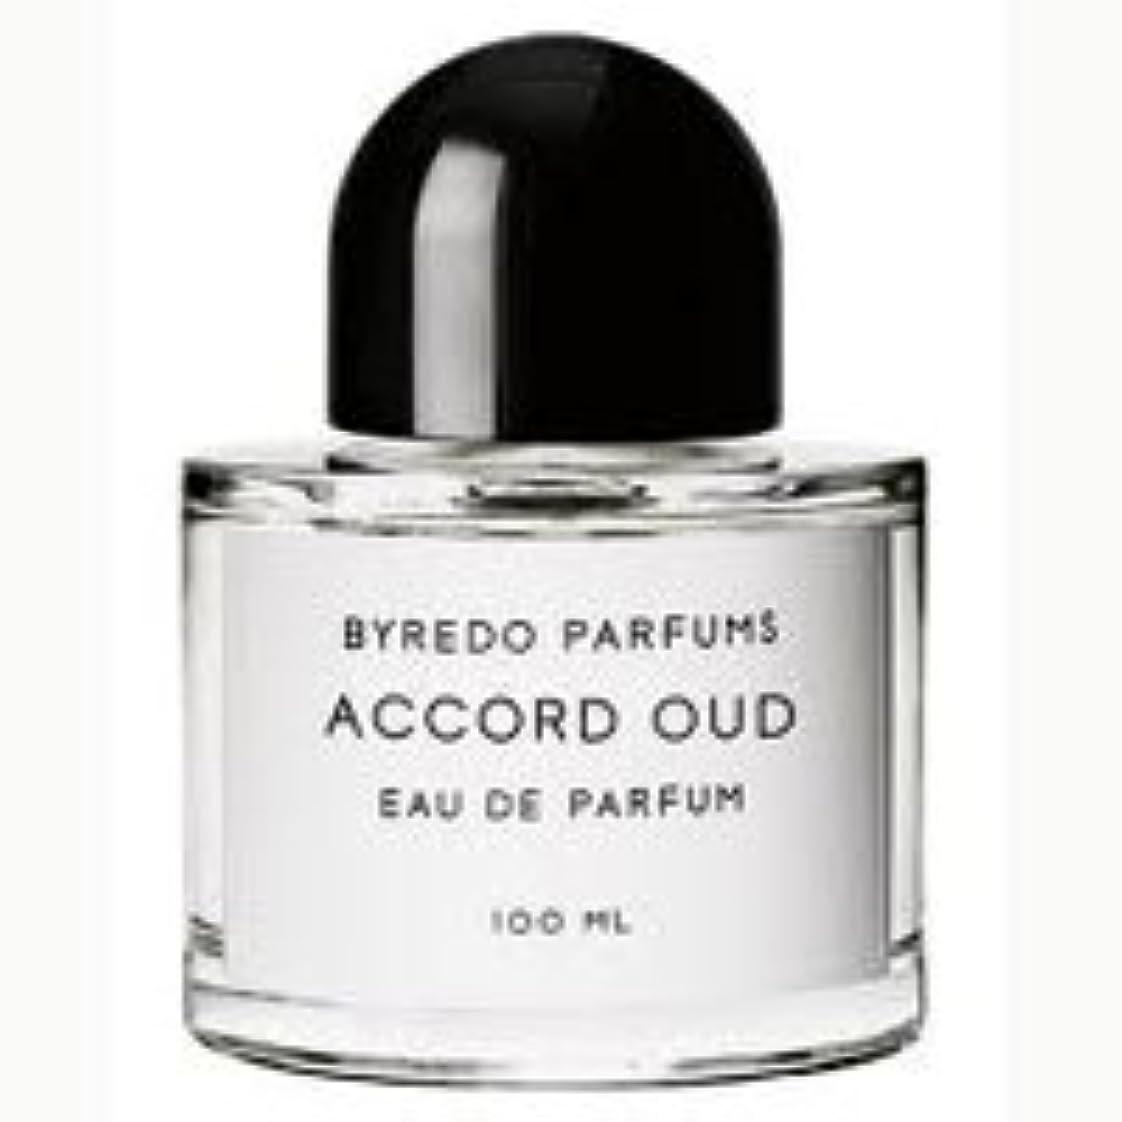 どういたしましてその後抱擁バレード アコード ウード オードパルファム 50ml BYREDO PARFUMS ACCORD OUD EDP [6076]